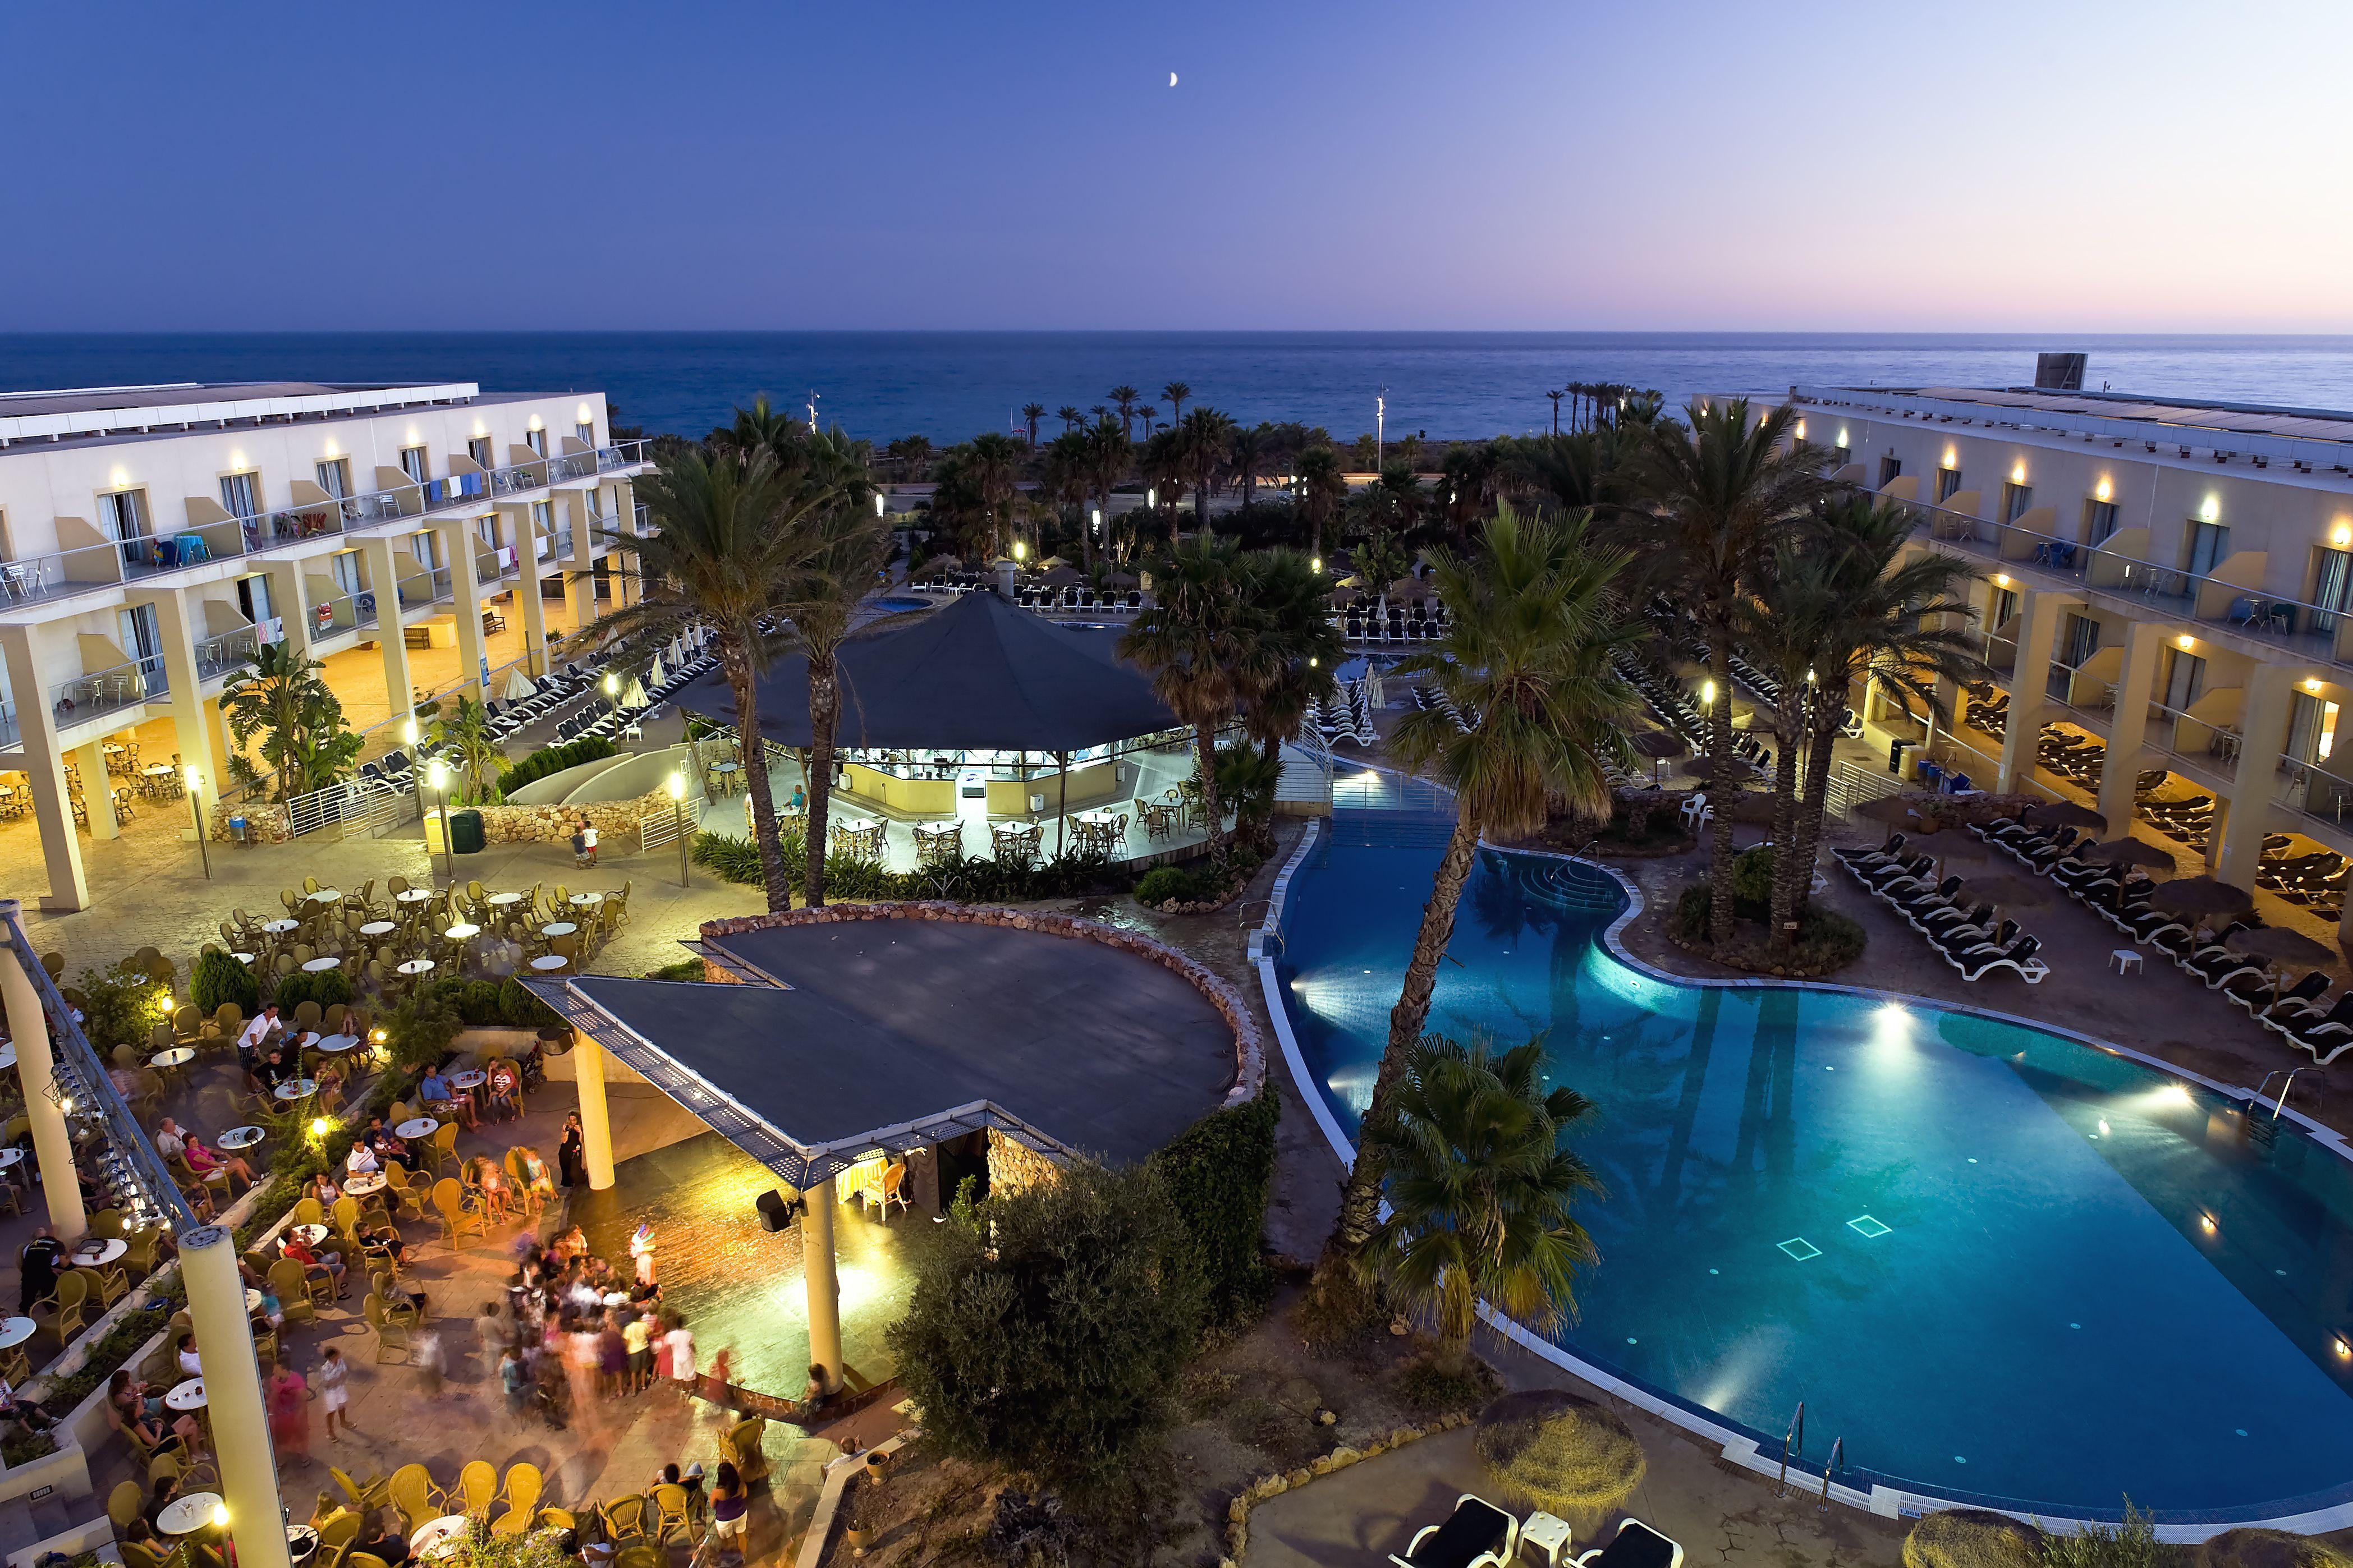 Cabogata Garden Hotel Spa Gardenhotels Andalucía Almería Hoteles Mallorca Ibiza